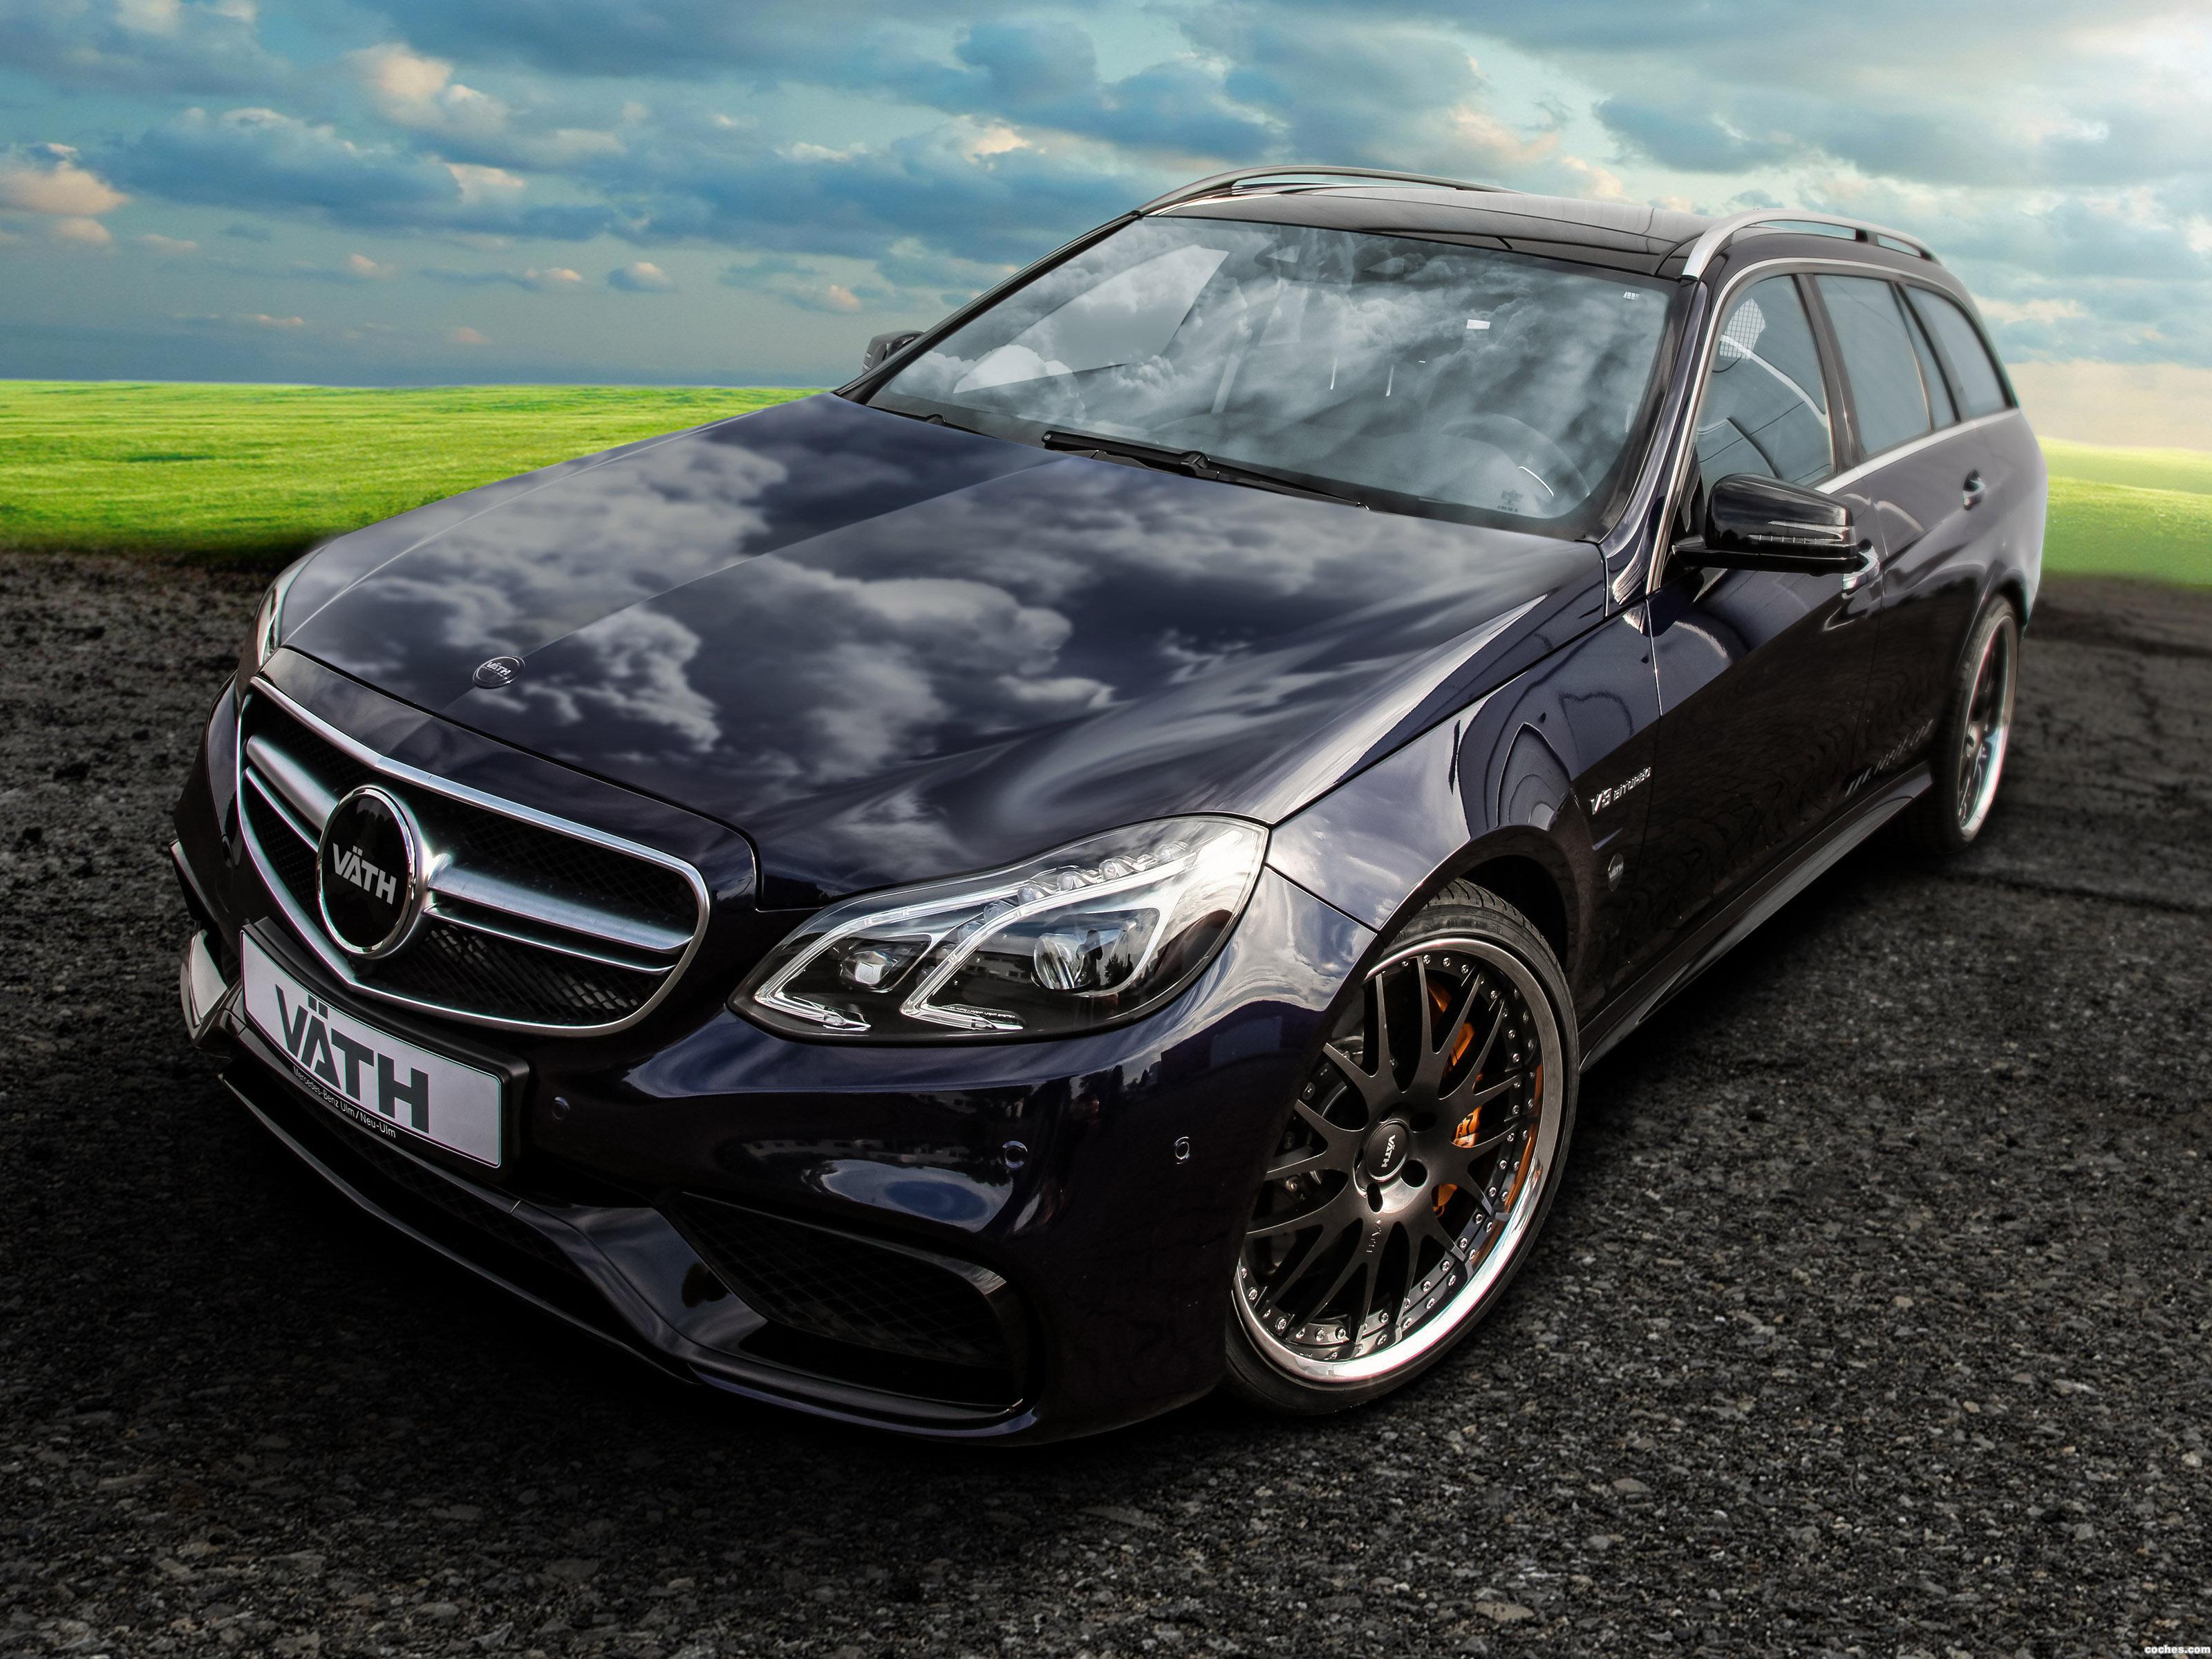 Foto 0 de Mercedes Vath Clase E Estate V63 RS S212 2014